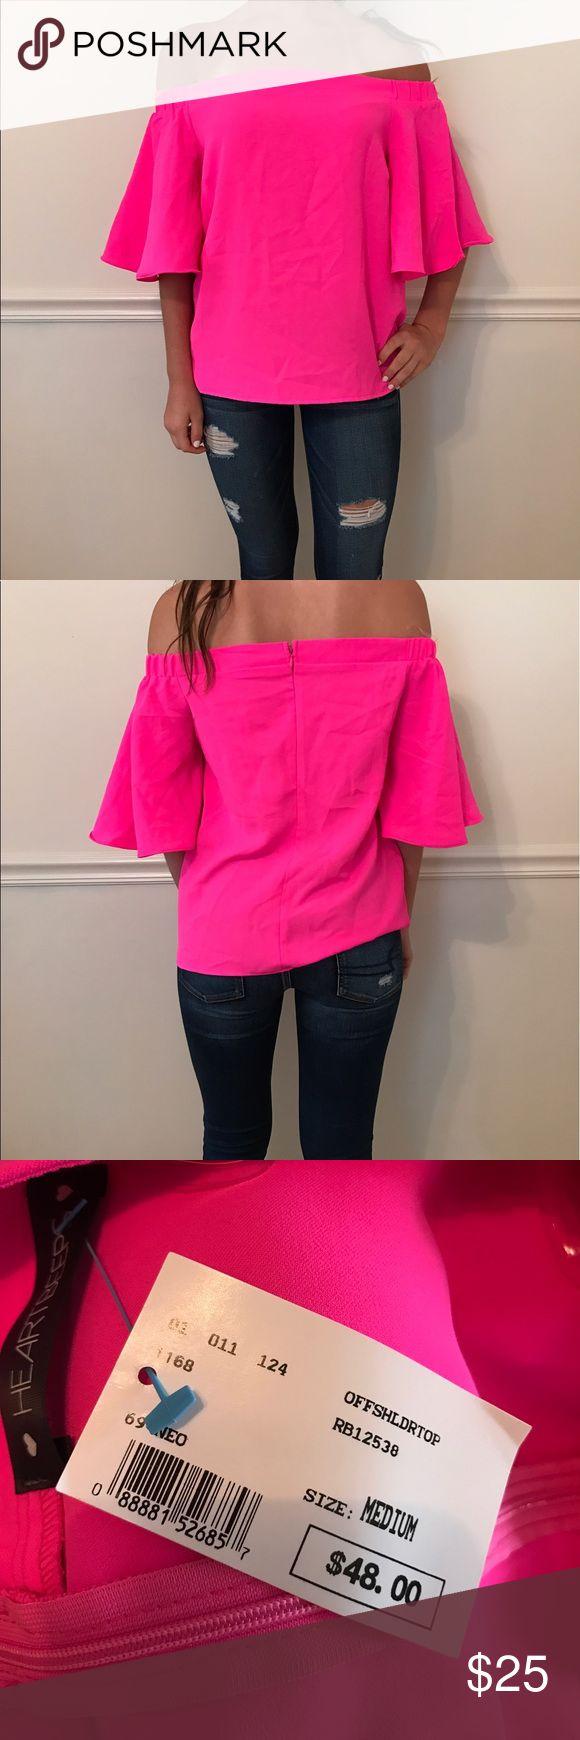 Hot pink summer shirt Brand new Tops Blouses